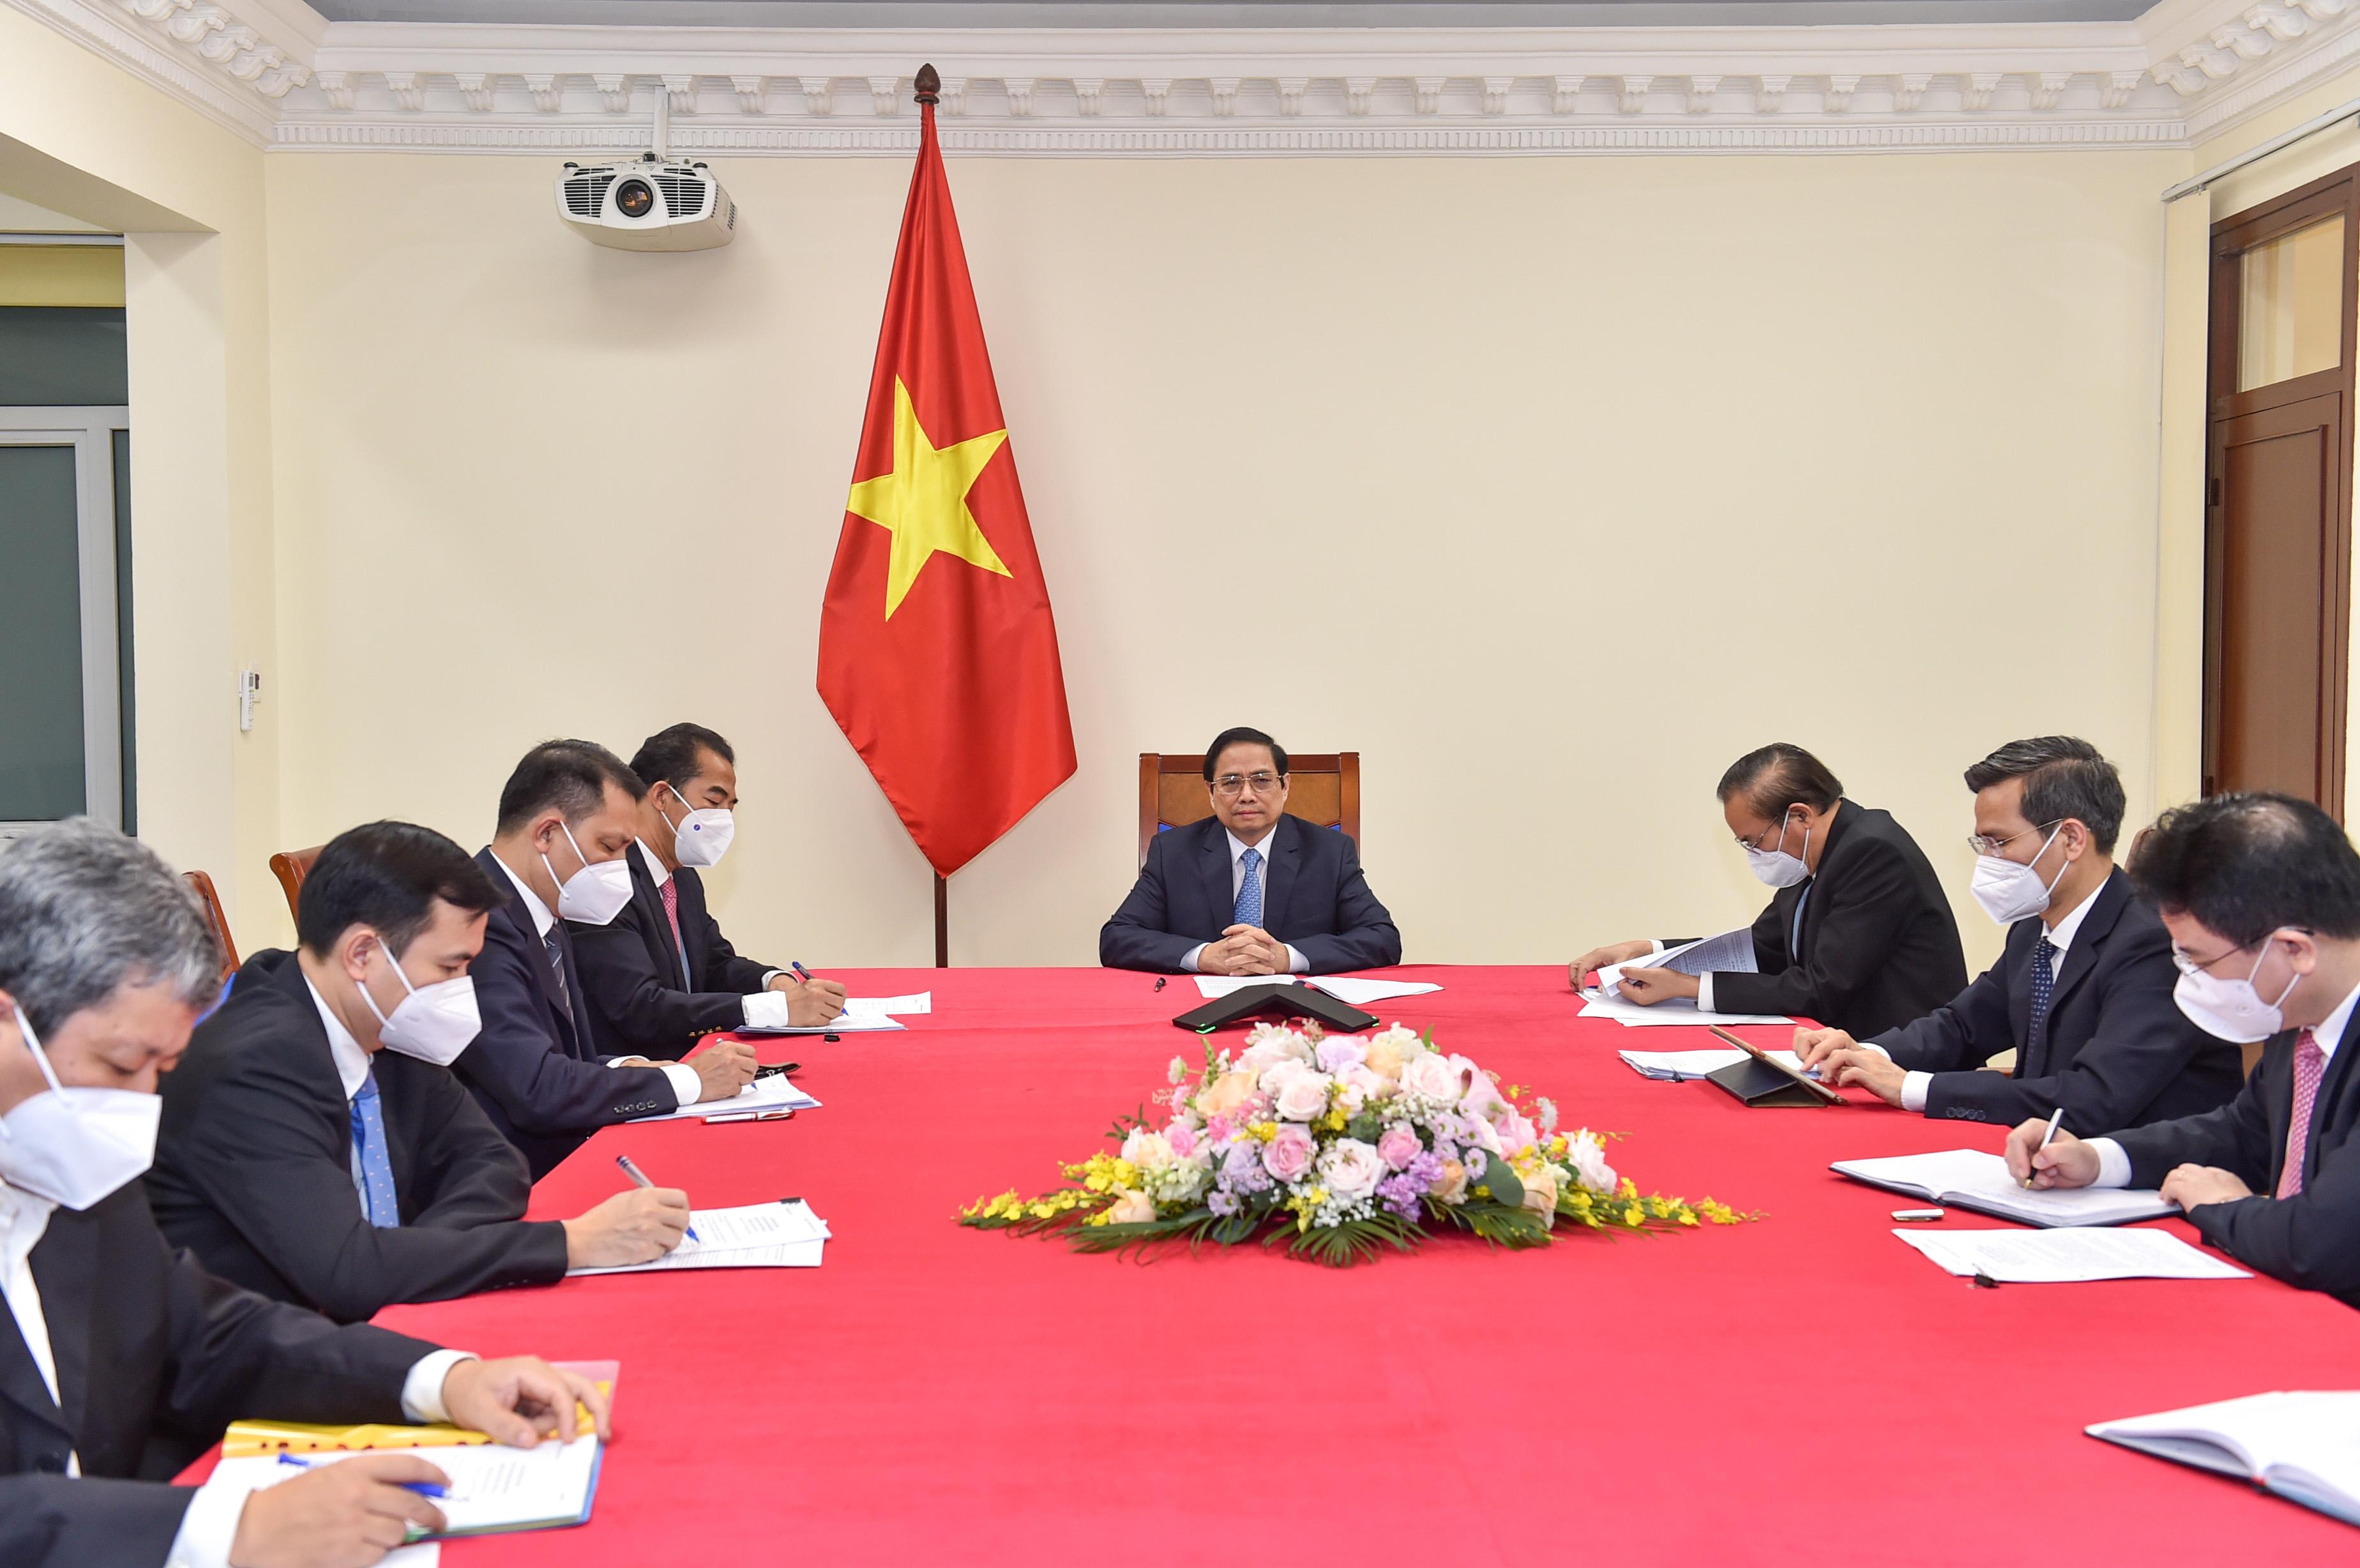 Thủ tướng đề nghị Áo đưa Việt Nam vào danh sách ưu tiên hỗ trợ phát triển. Ảnh: VGPNhật Bắc